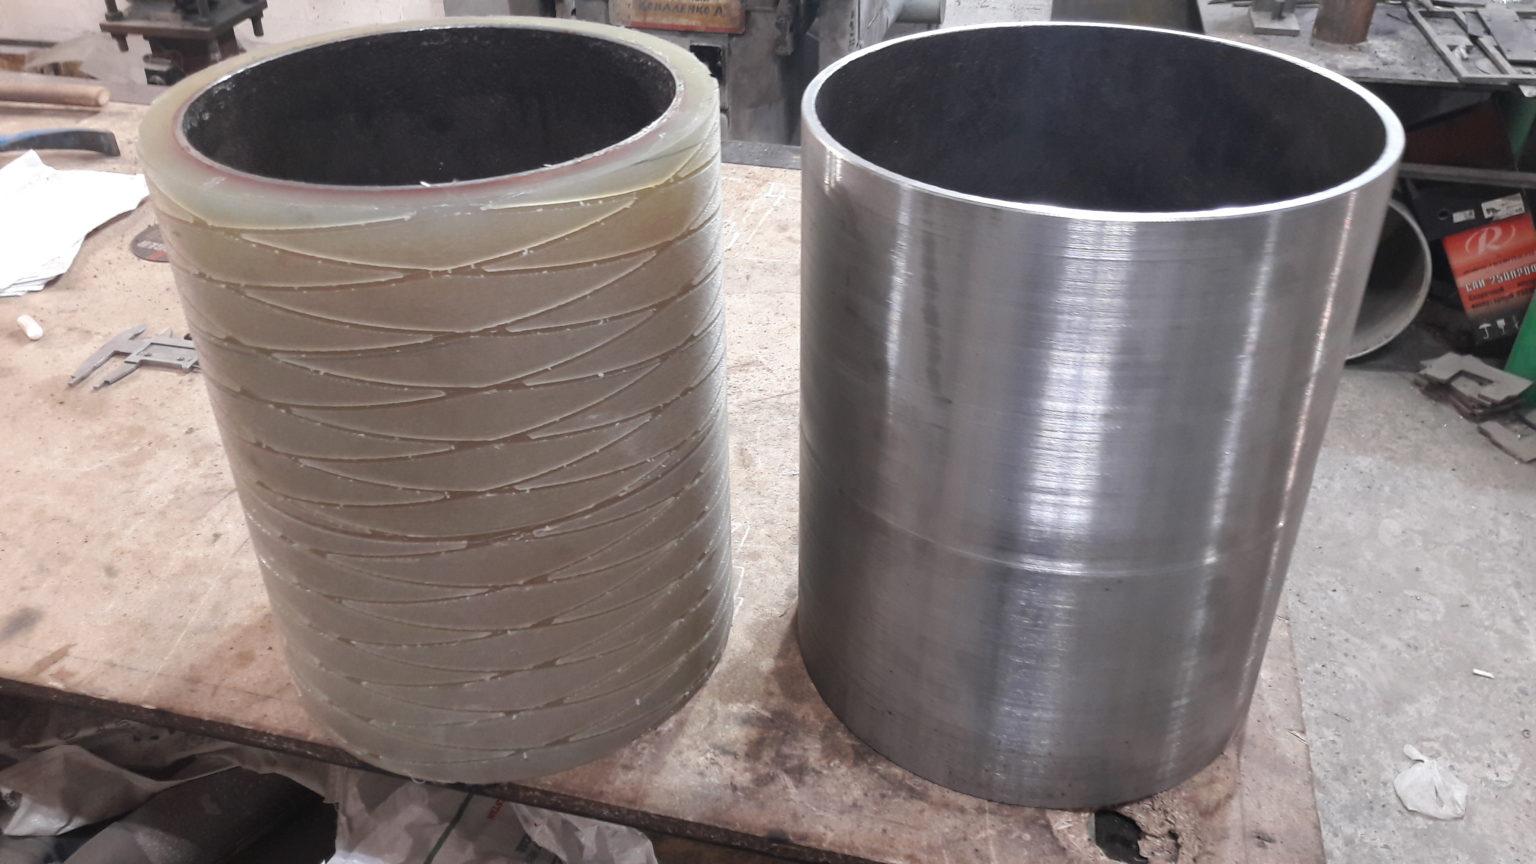 восстановление покрытий различного назначения валов,роликов колес,барабанов и т.п. позволяет применять во всех областях